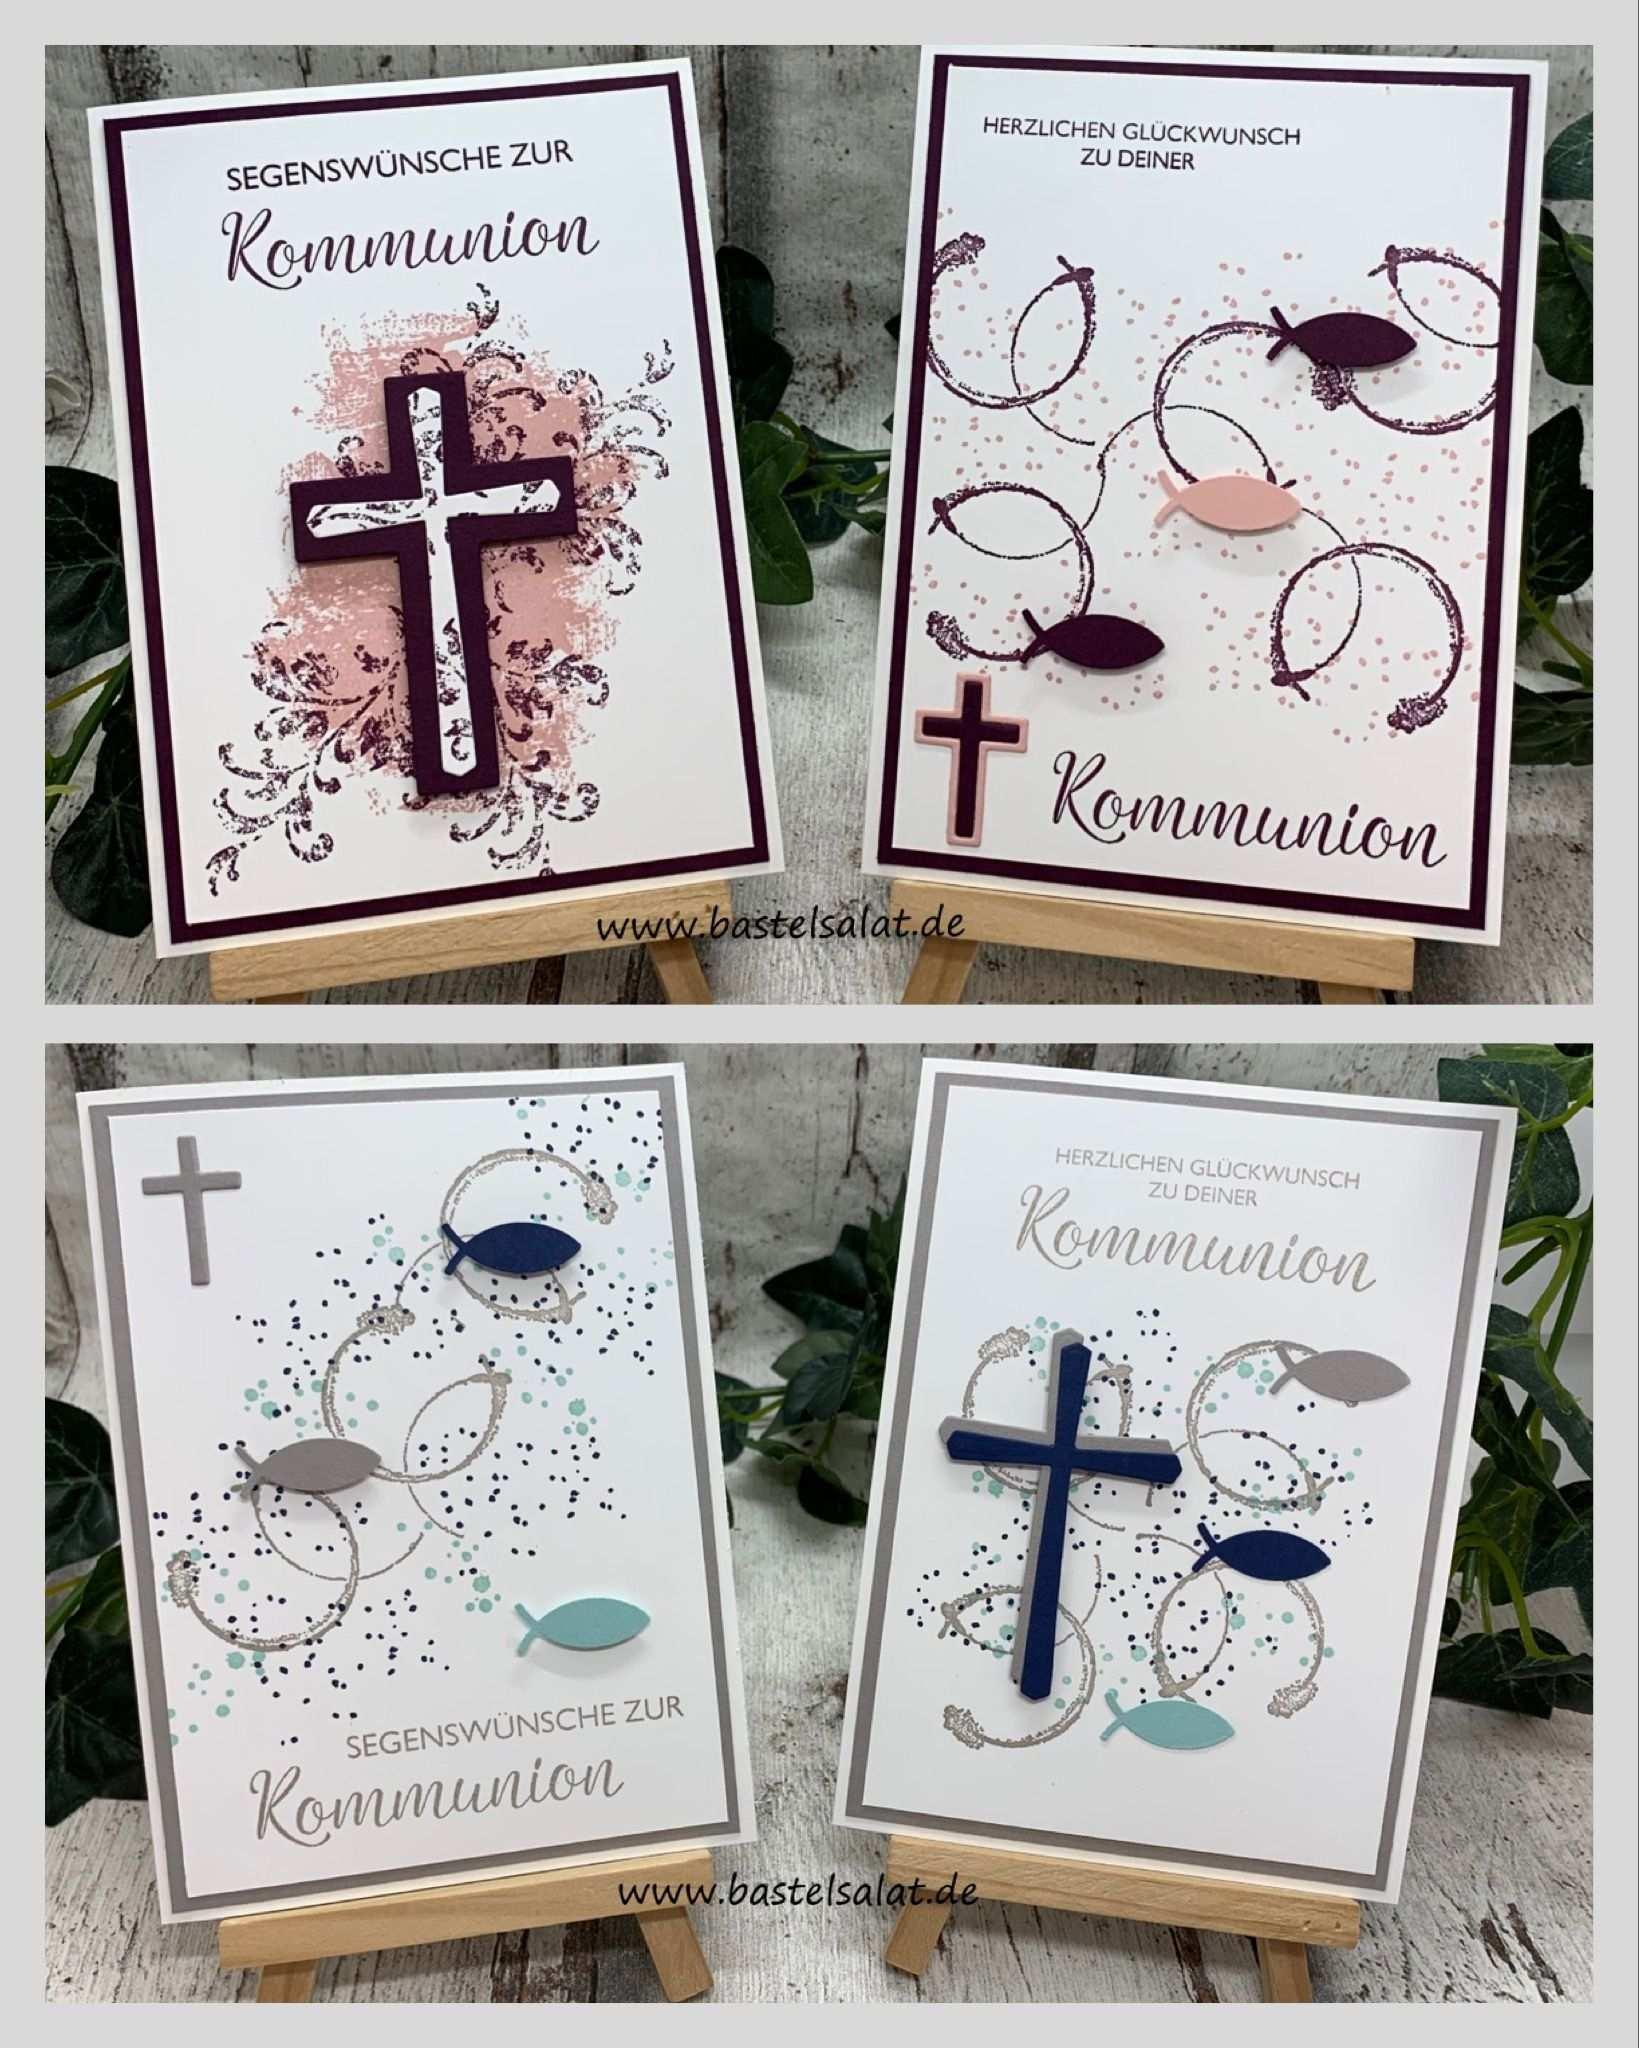 Gluckwunsche Zur Kommunion Konfirmation Karten Karten Kommunion Firmung Karte